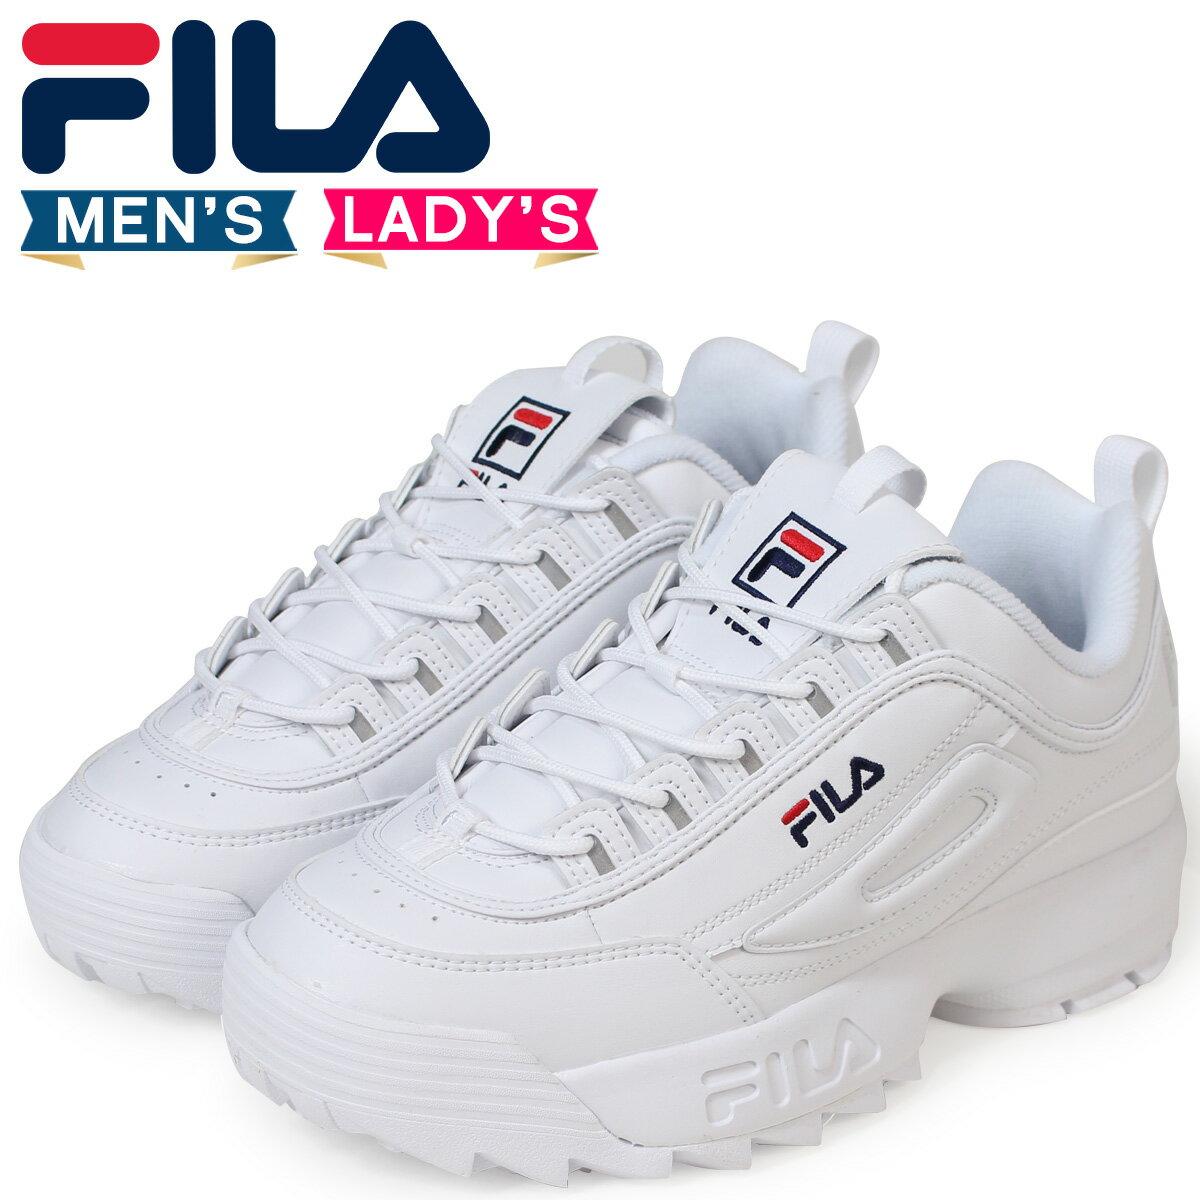 フィラ FILA ディスラプター2 スニーカー メンズ レディース DISRUPTOR 2 ホワイト FS1HTA1071X [予約商品 9/25頃入荷予定 追加入荷]